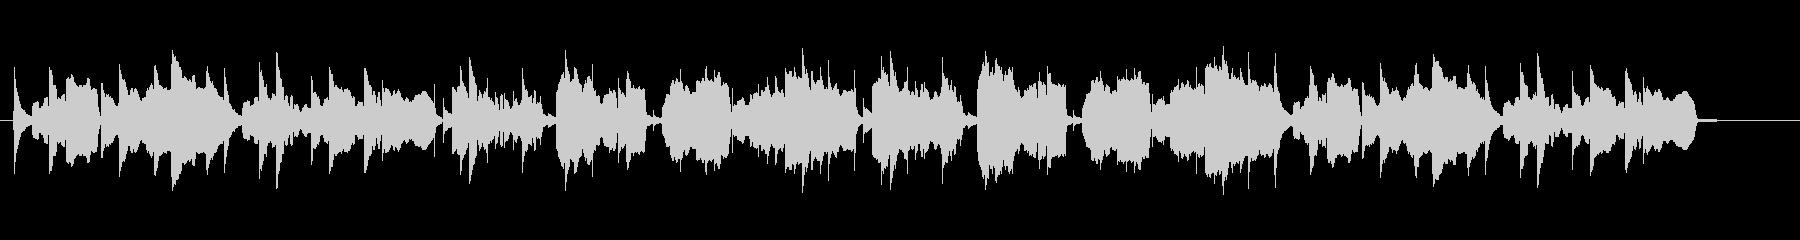 ほのぼのした雰囲気のリコーダー曲の未再生の波形